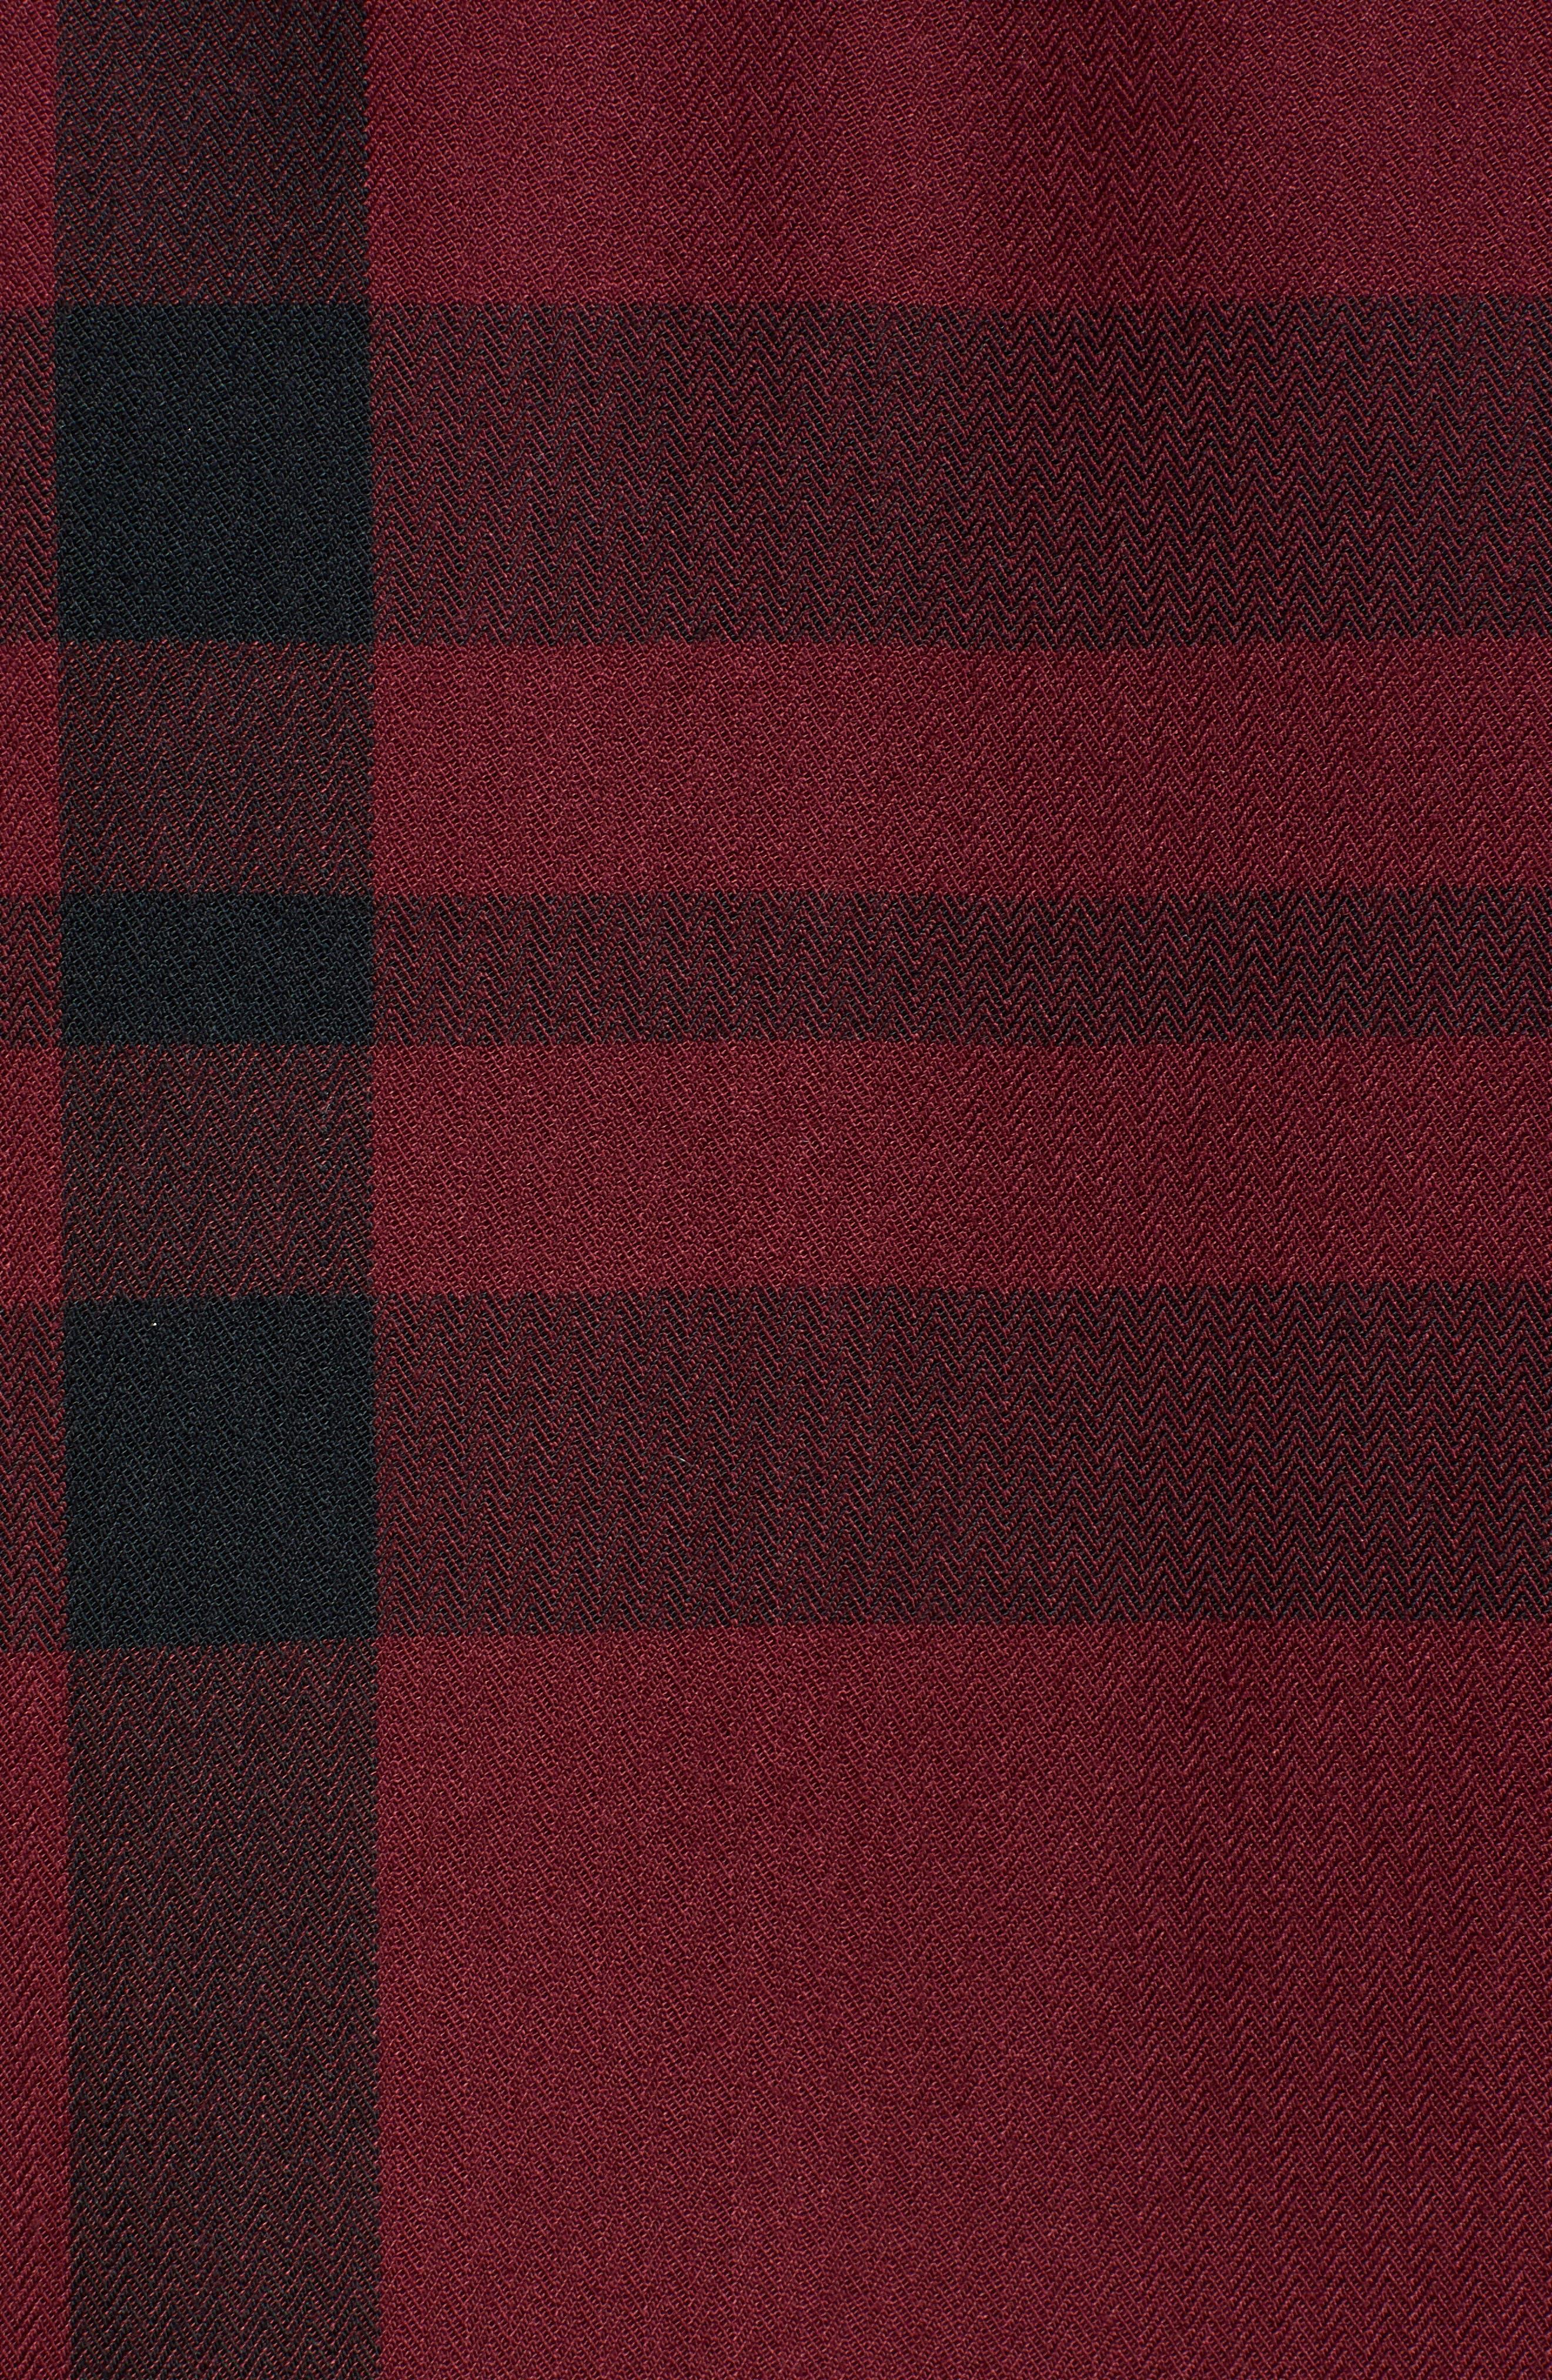 Bell Sleeve Shirt,                             Alternate thumbnail 5, color,                             RED TANNIN BULLSEYE PLAID